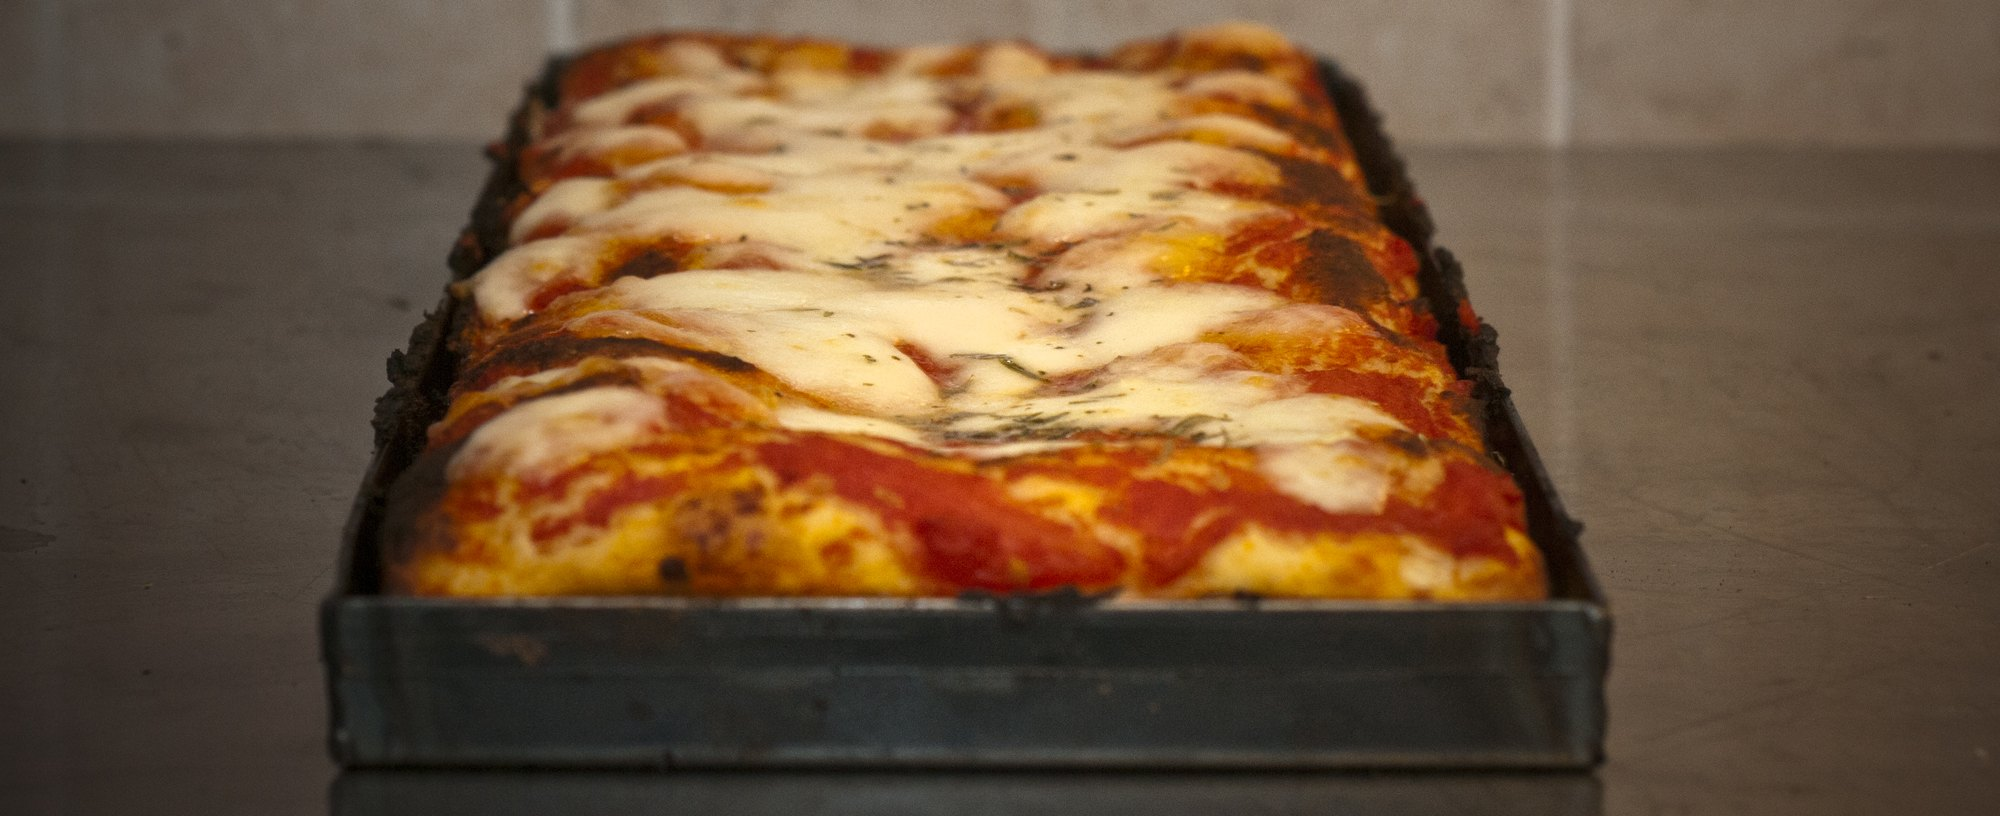 Pizza in teglia romana casalinga